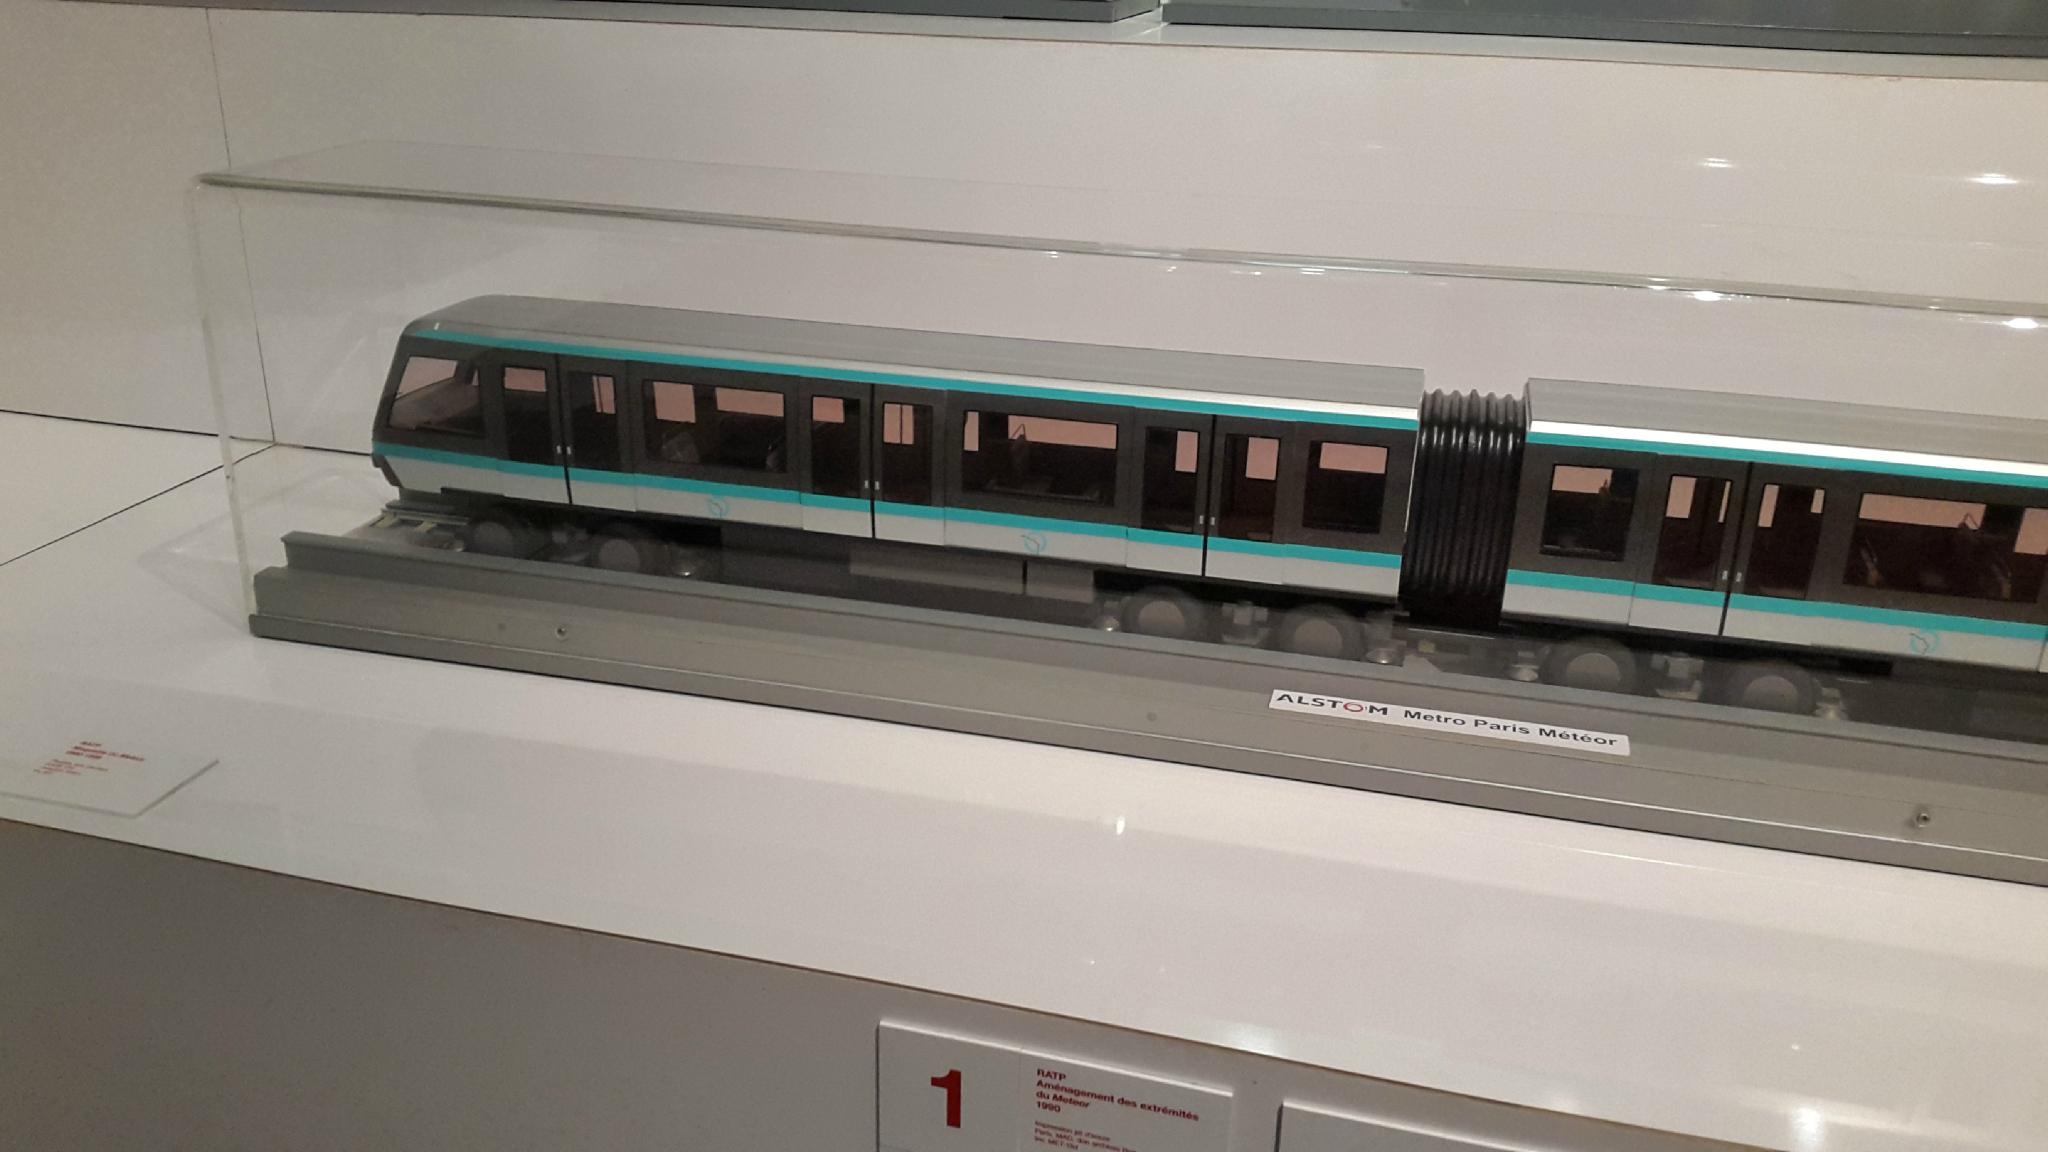 Maquette rame Métro RATP MP89 (ligne 1)